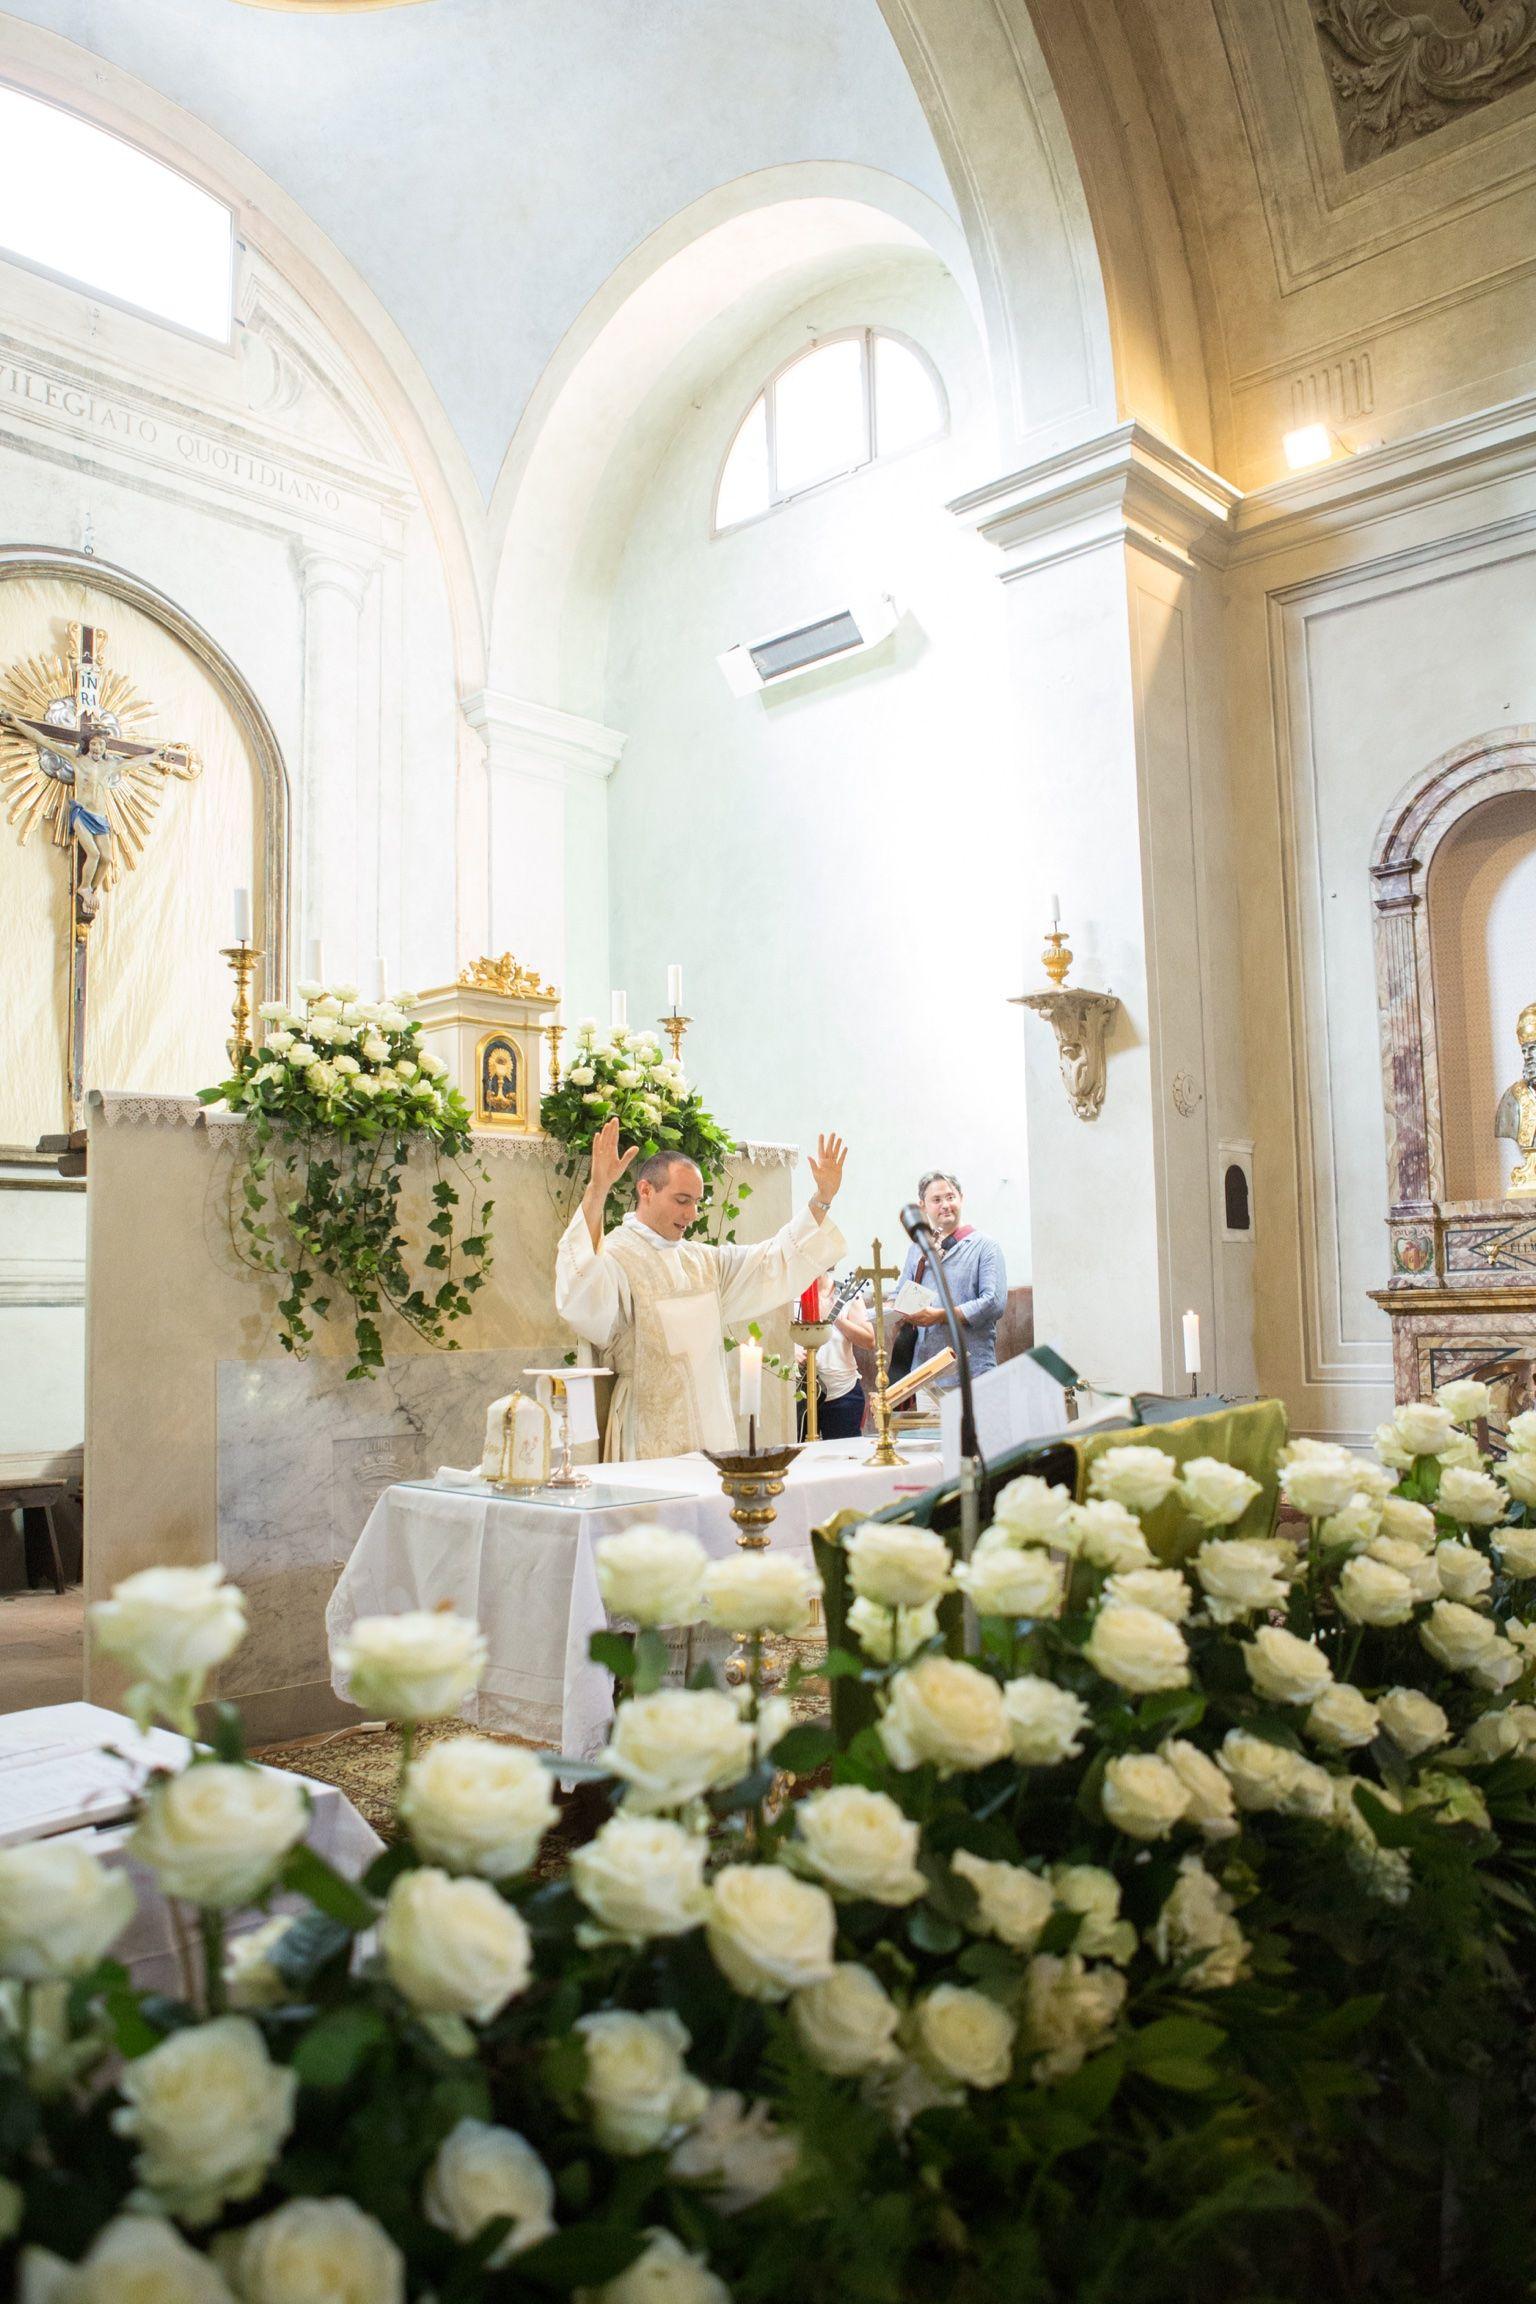 Luxury Church Decoration In Florence Wedding Cerimonia Luxury Con Rose Bianche E Edera Ivy Decorazioni Per La Chiesa Matrimonio Rosa Matrimonio